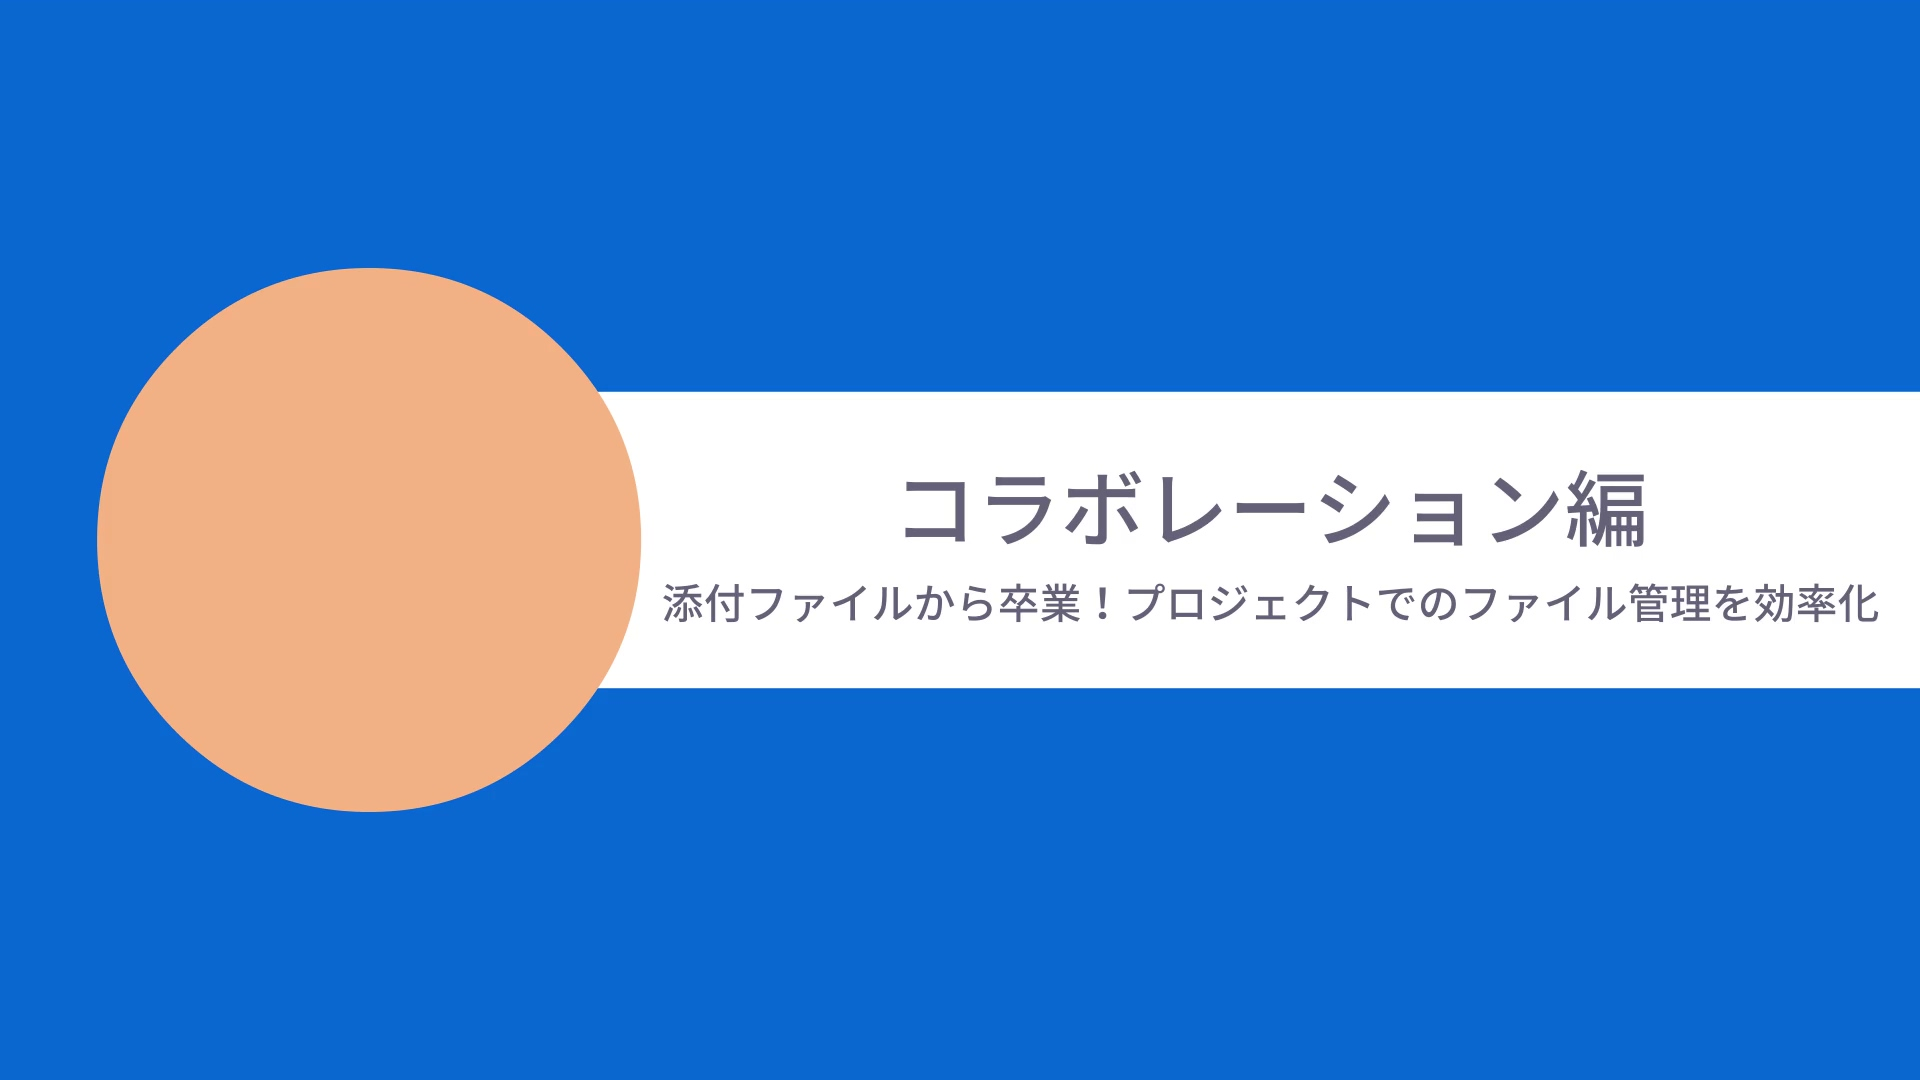 [Boxユースケースムービー] コラボレーション編